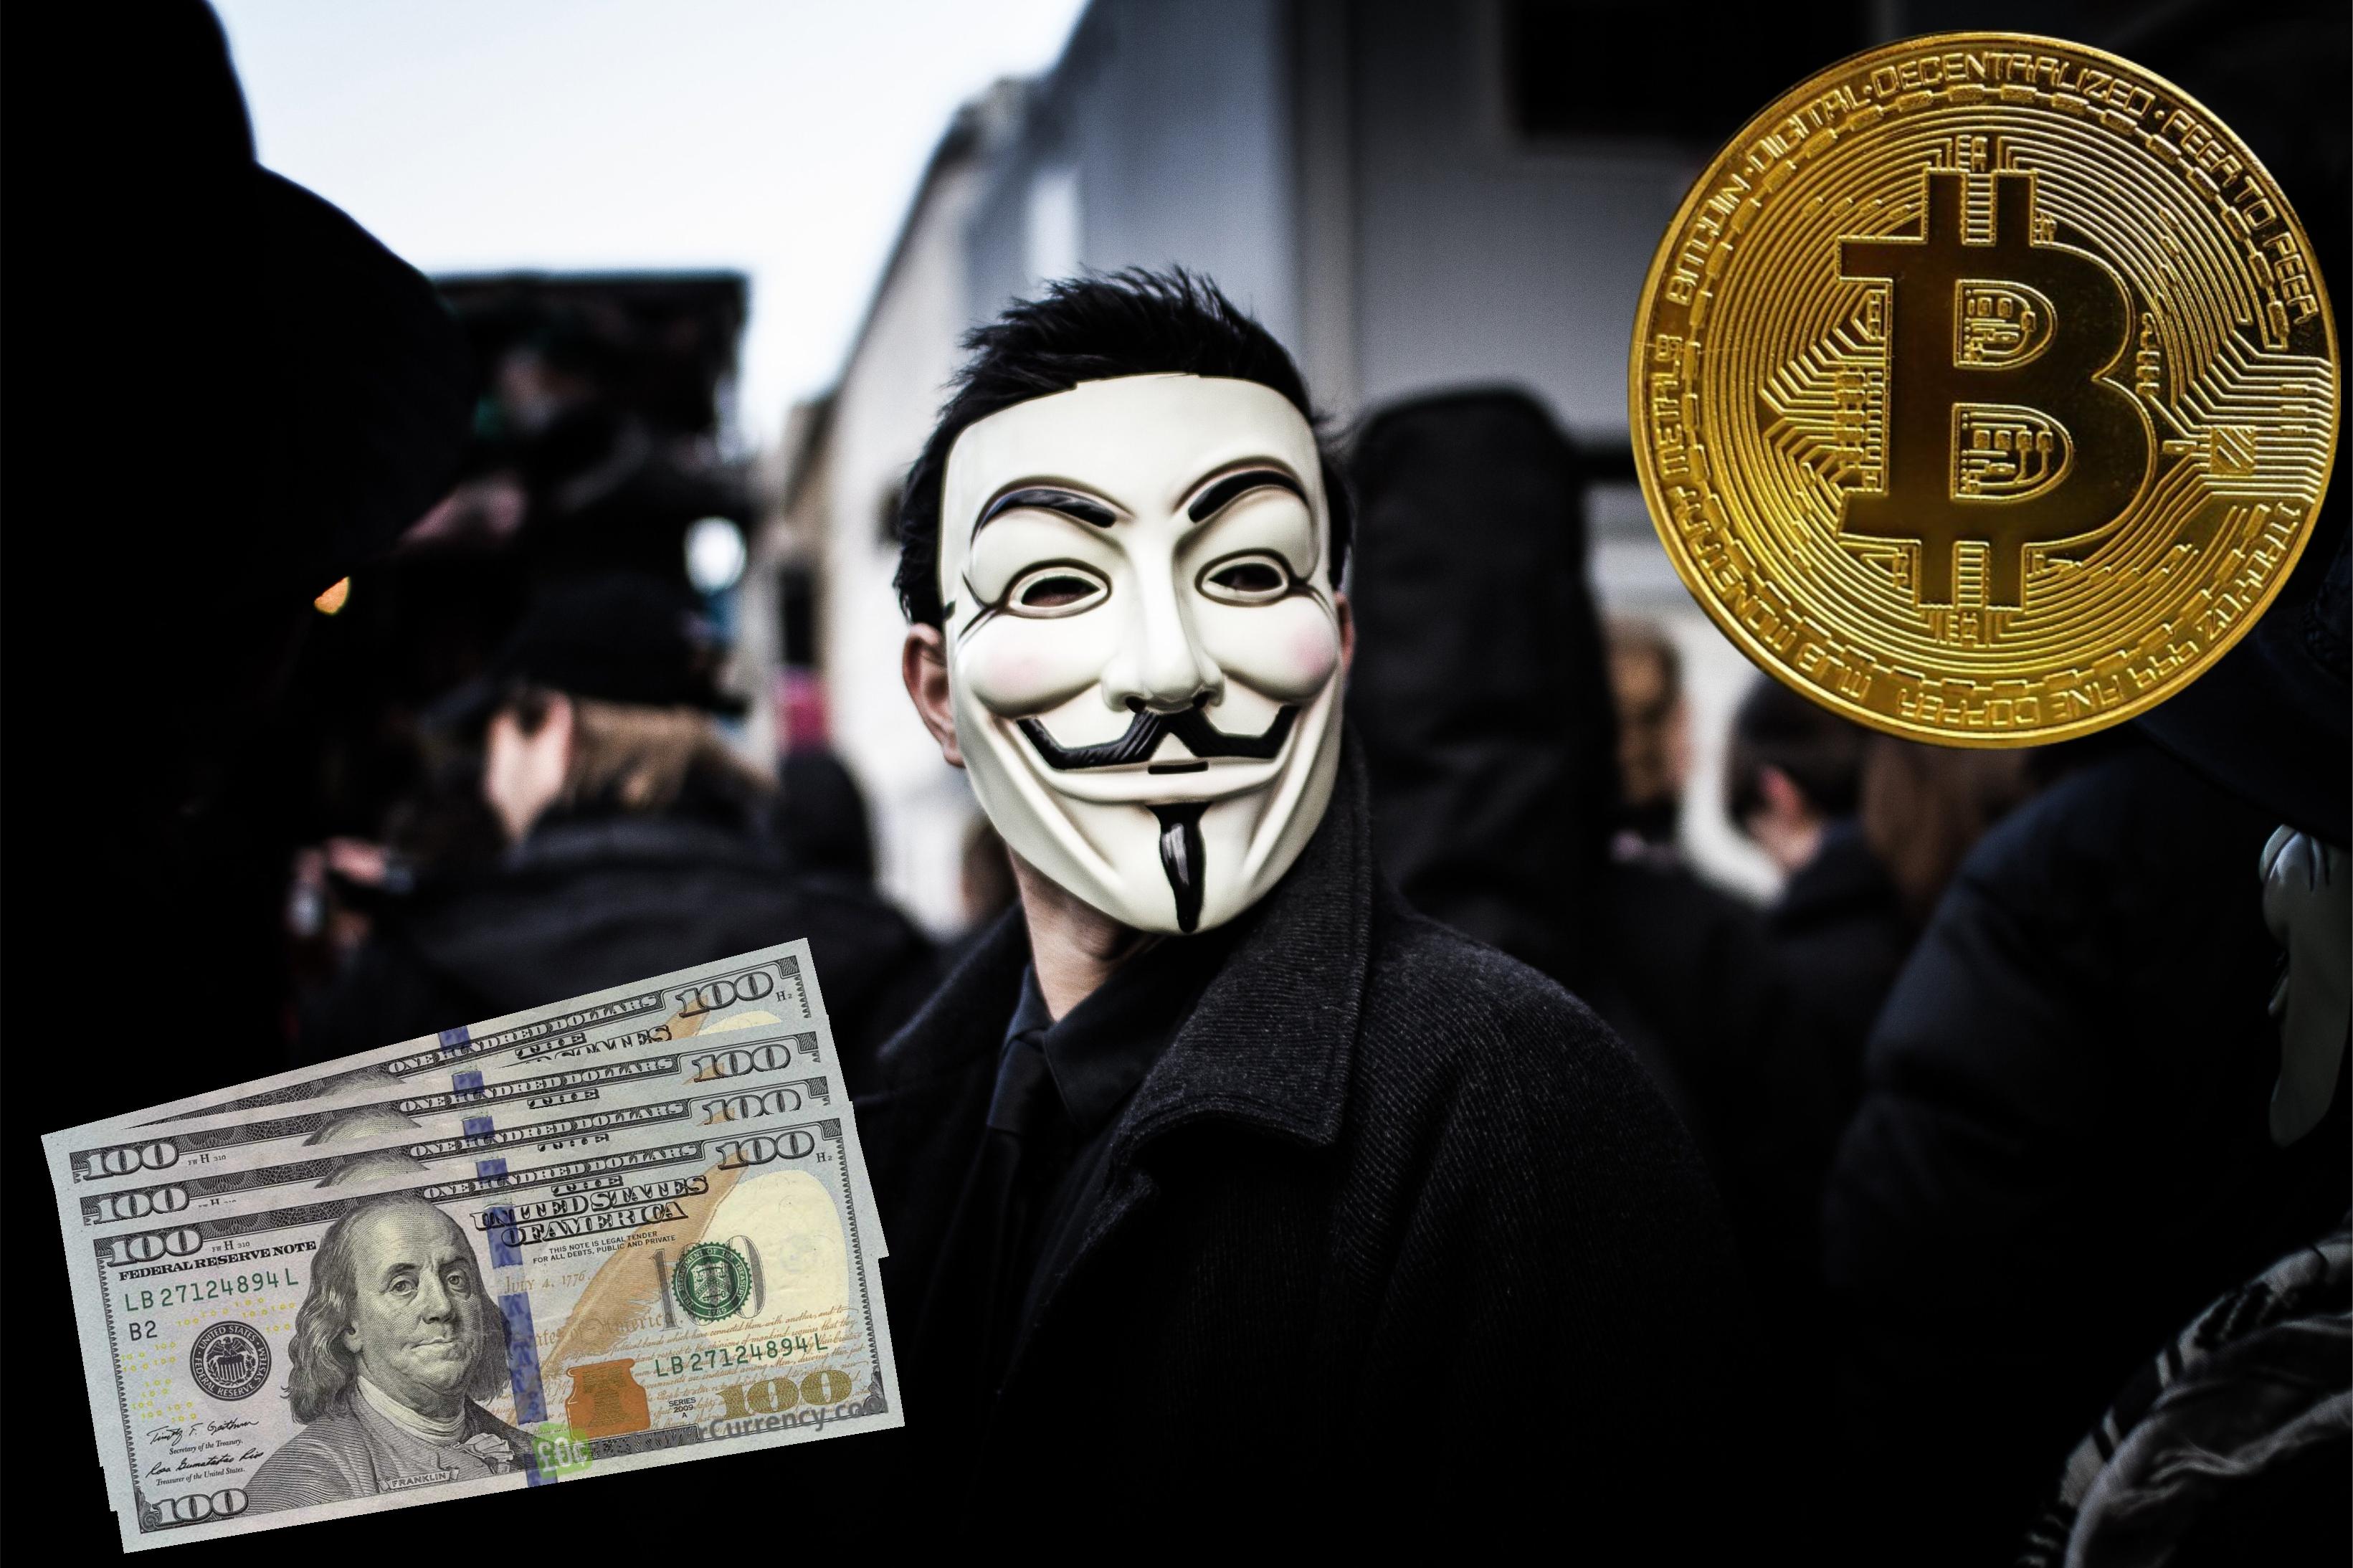 Bitcoin monētas pastāv)